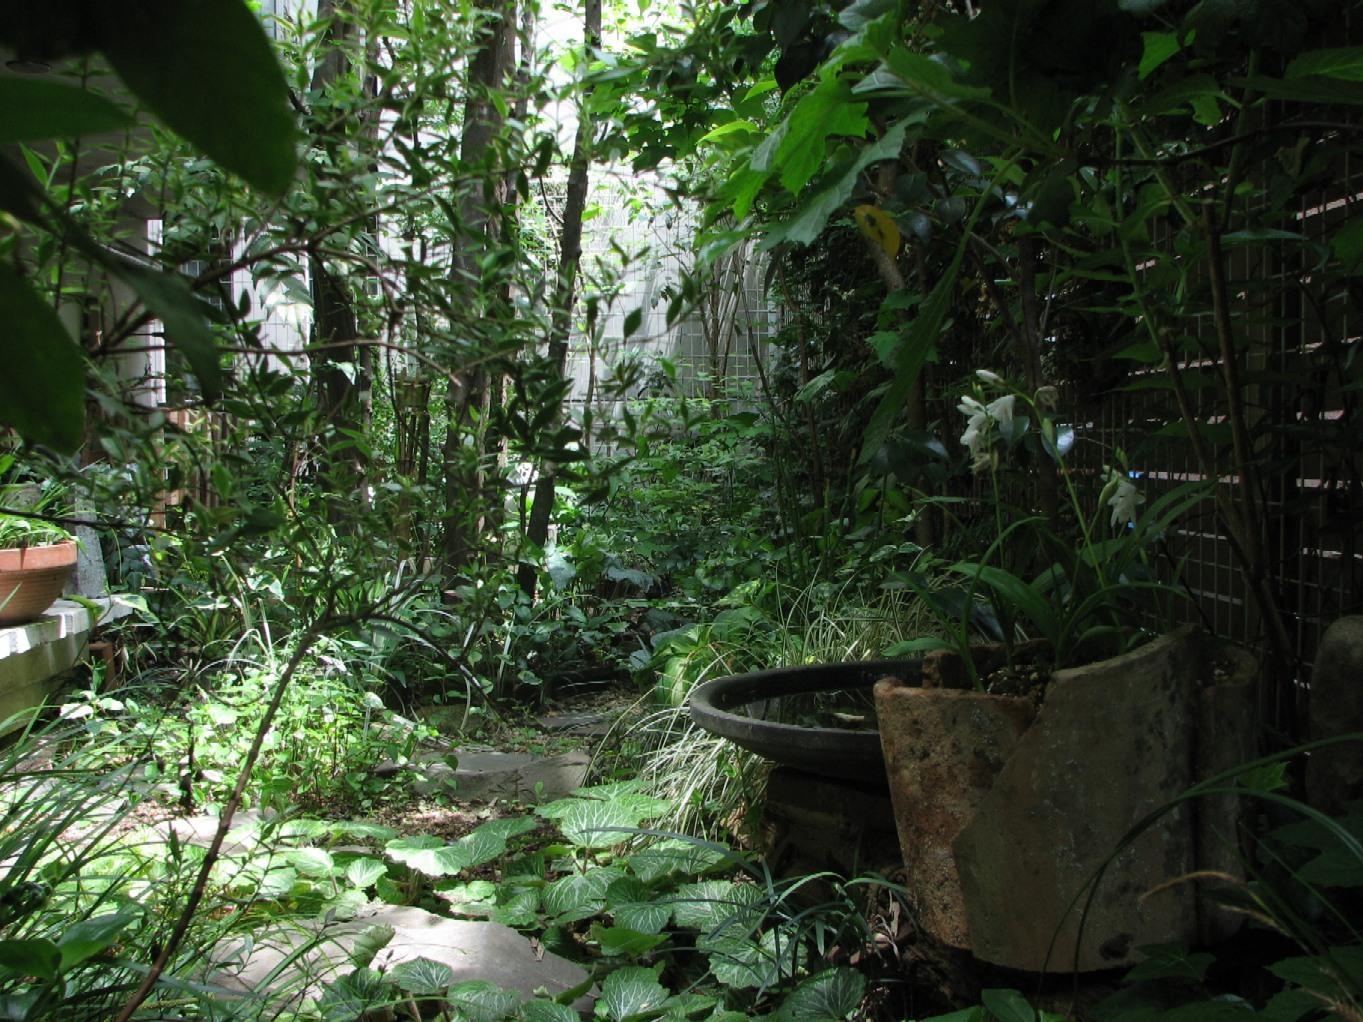 川部さんの庭#2 07_05